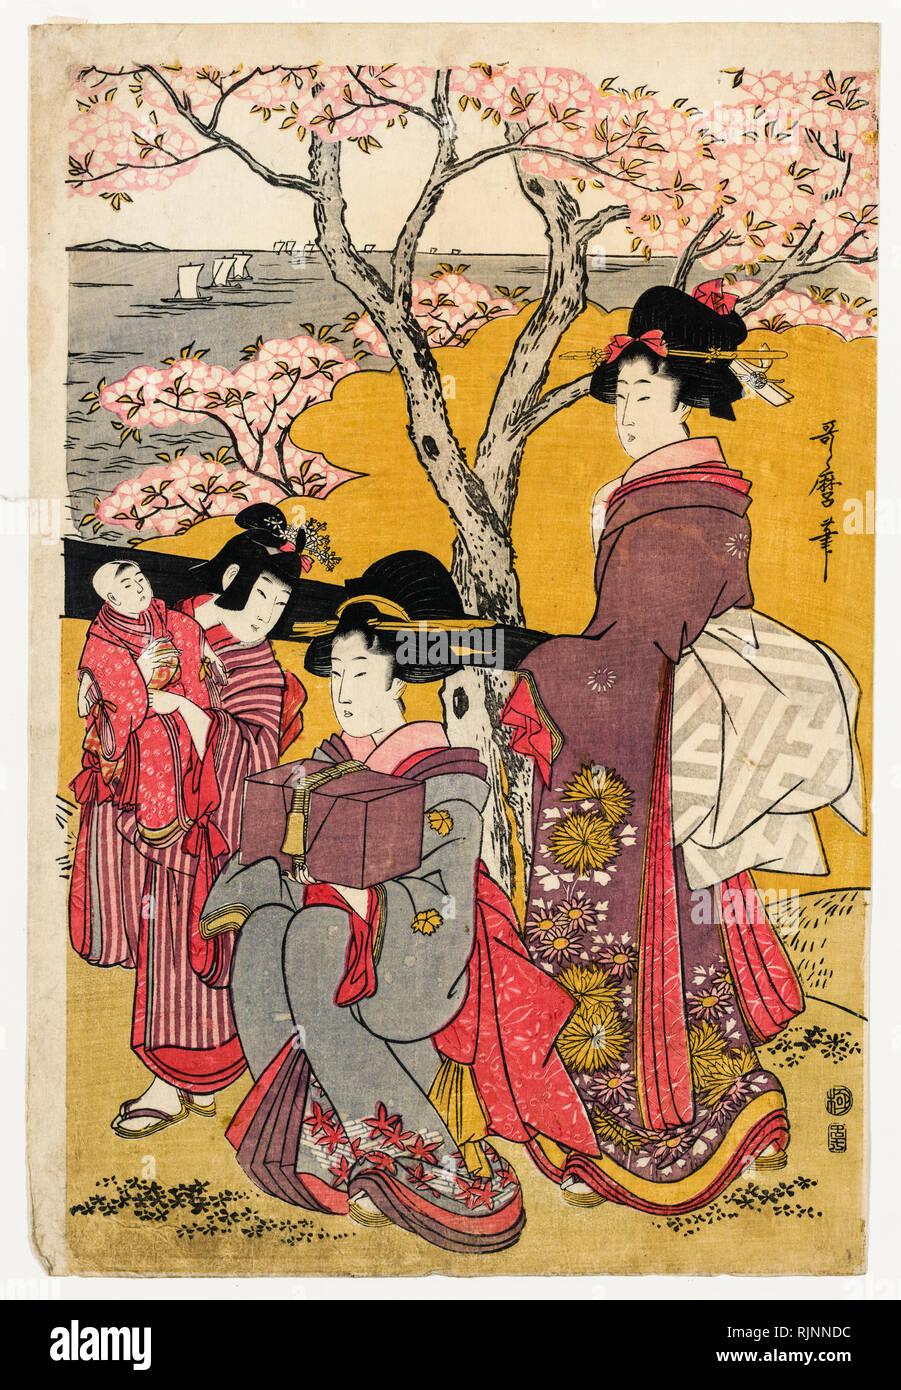 Japanische Kunst, Utamaro Kitagawa, 1805, Kirsche Anzeigen bei Gotenyama, Holzschnitt drucken Stockbild